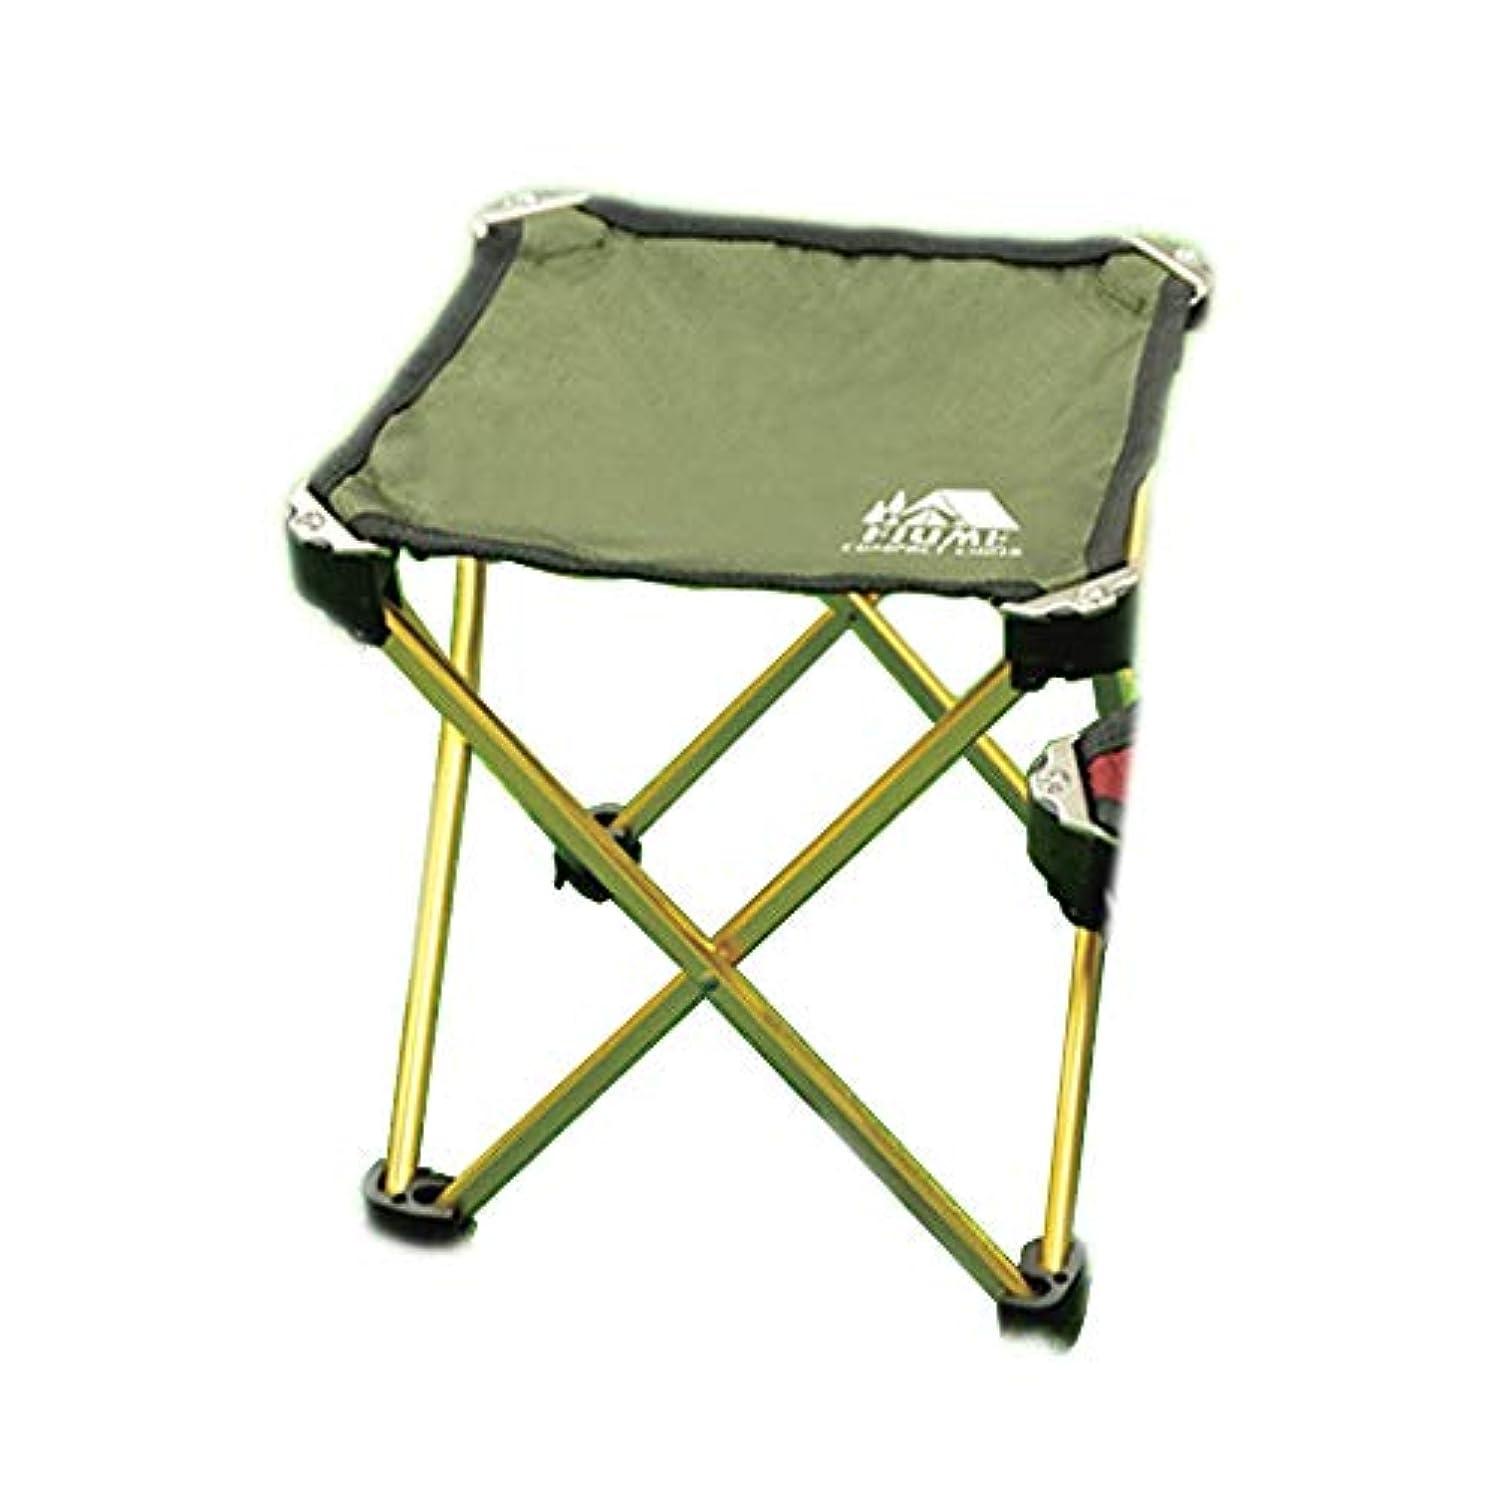 刻む避けるセイはさておき軽量 アルミ コンパクトチェア 耐荷重 80kg アウトドア チェア 折りたたみ レジャーチェア キャンプ BBQ